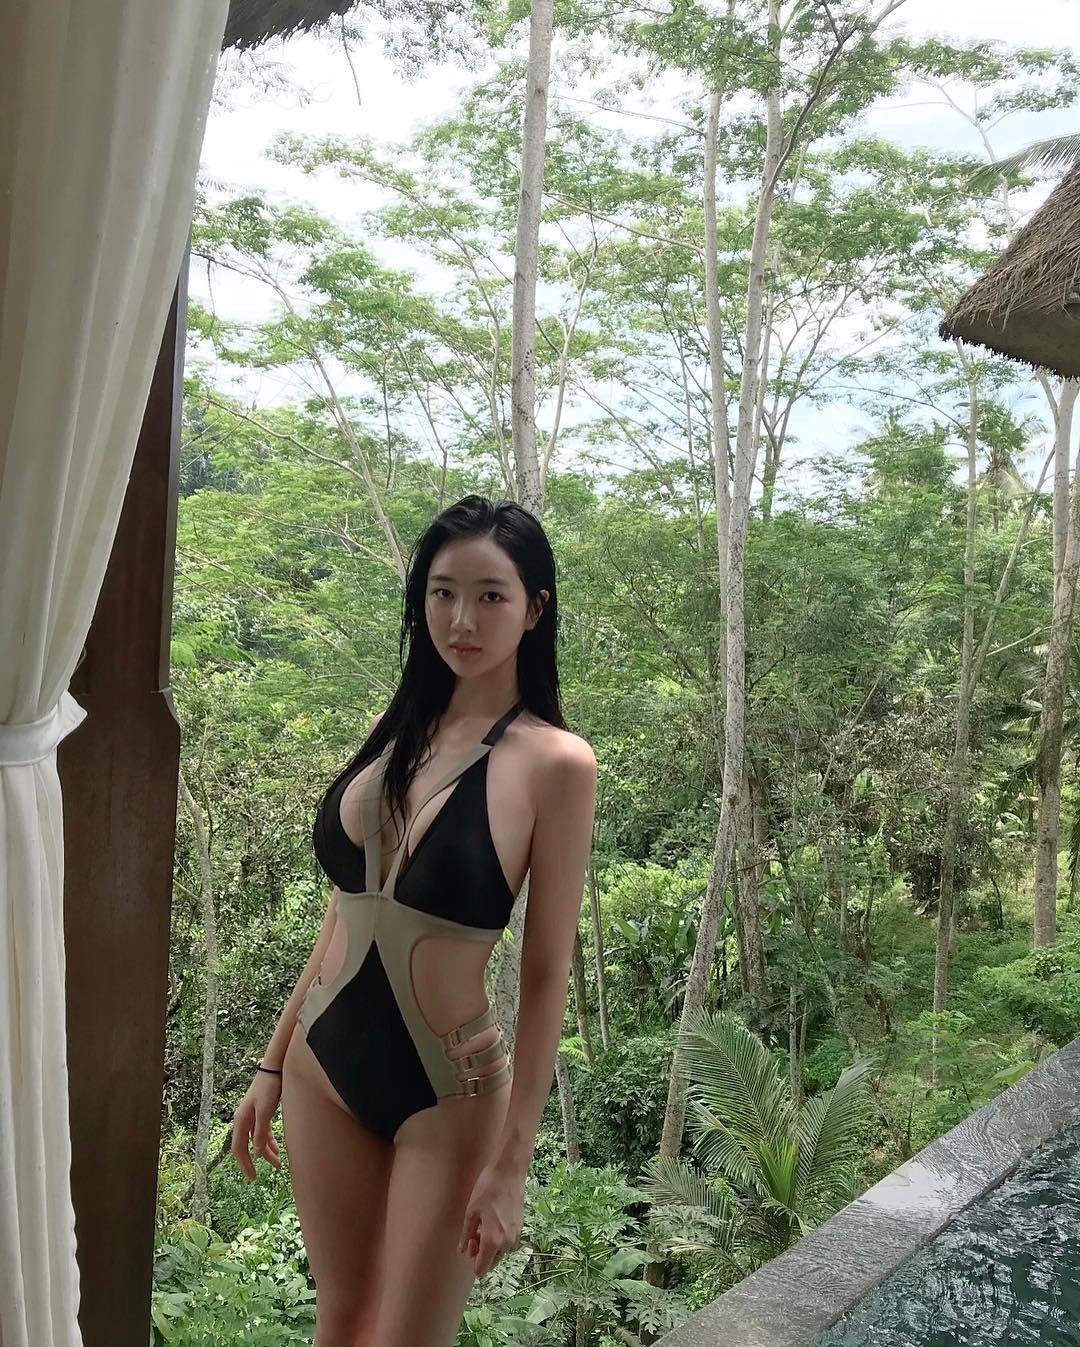 Nữ idol vô danh bỗng gây sốt vì màn thoát xác: Bình thường thì thanh thuần, diện áo tắm là lộ body nóng hừng hực - Ảnh 2.